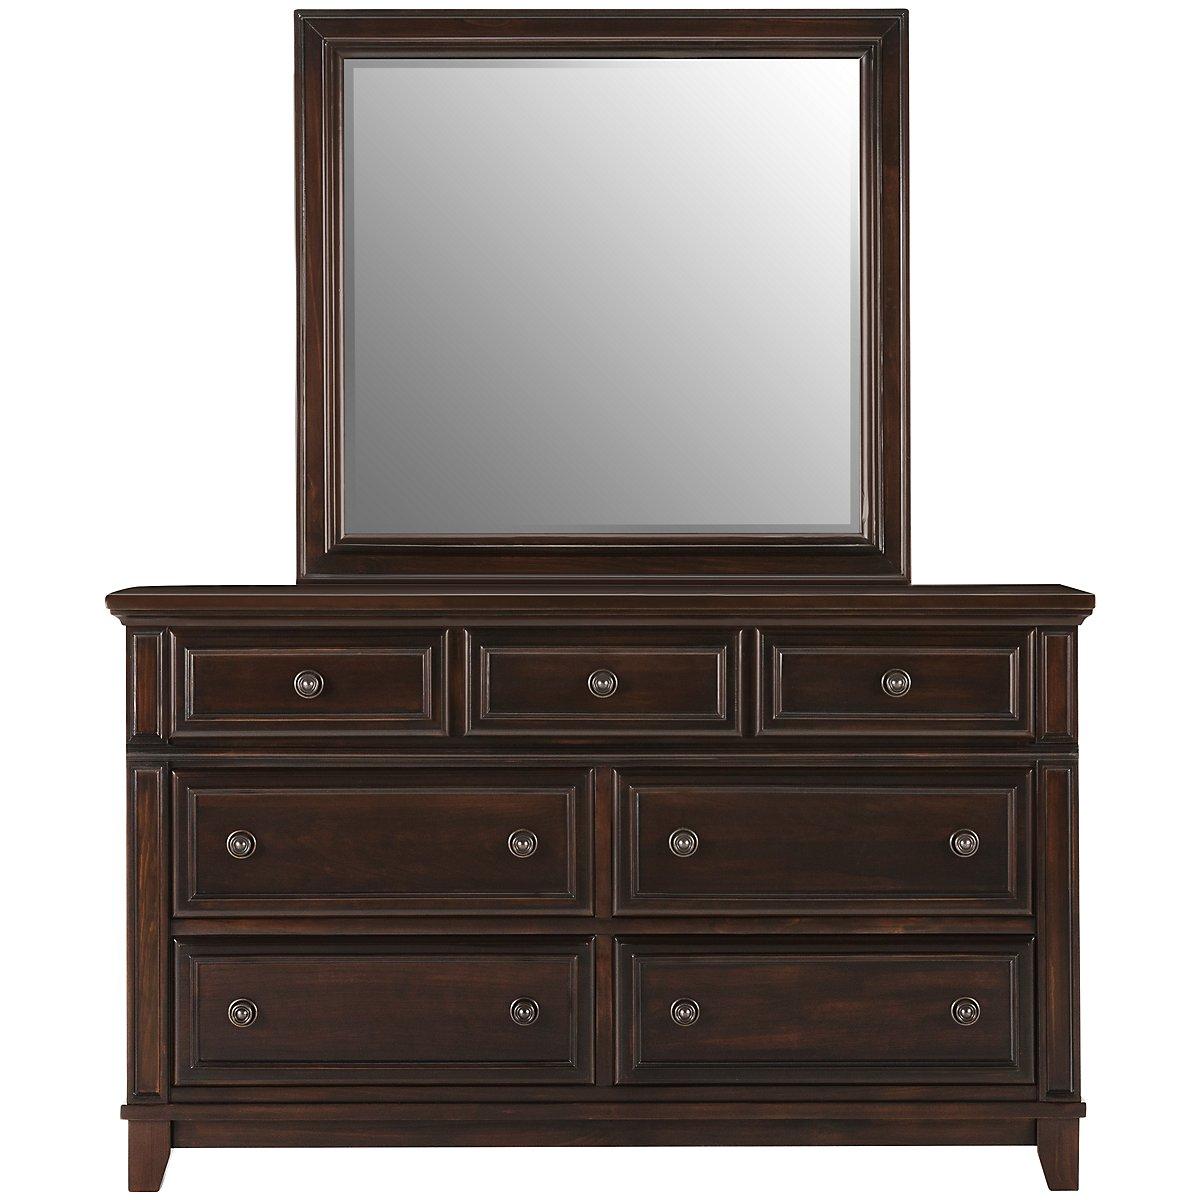 City Furniture Harwich Dark Tone Dresser amp Mirror